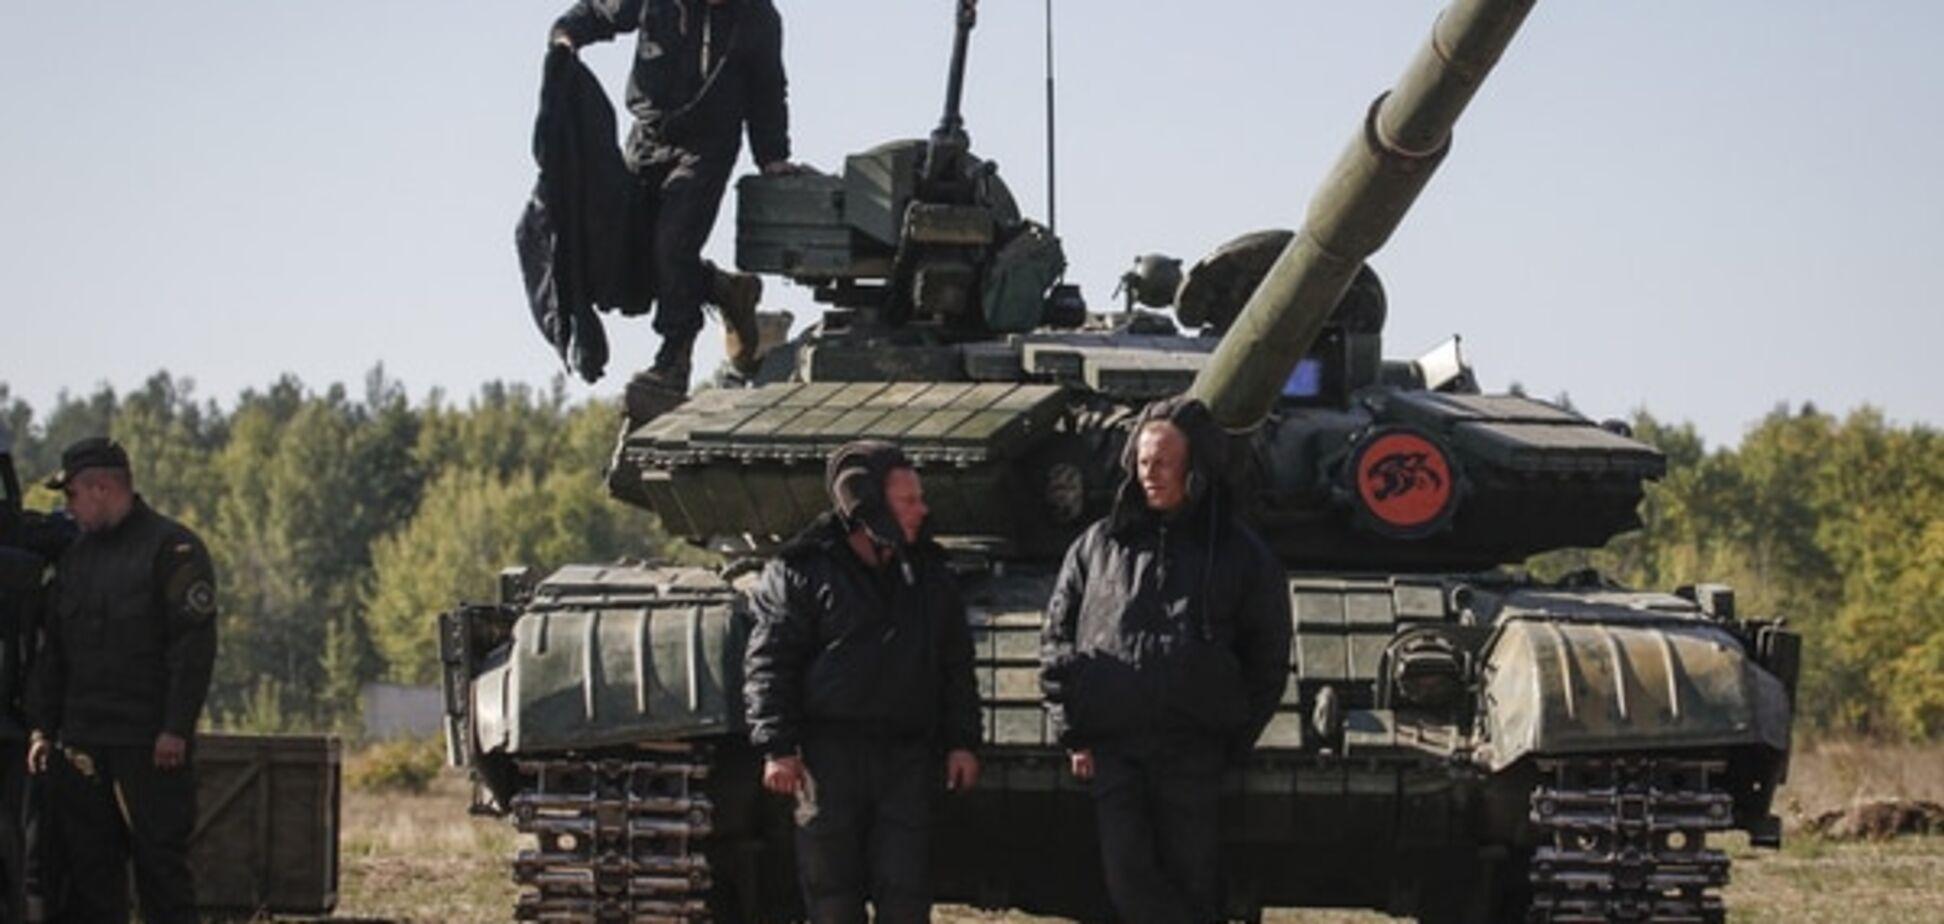 Порошенко розповів, коли закінчиться війна на Донбасі - 2 жовтня 2015